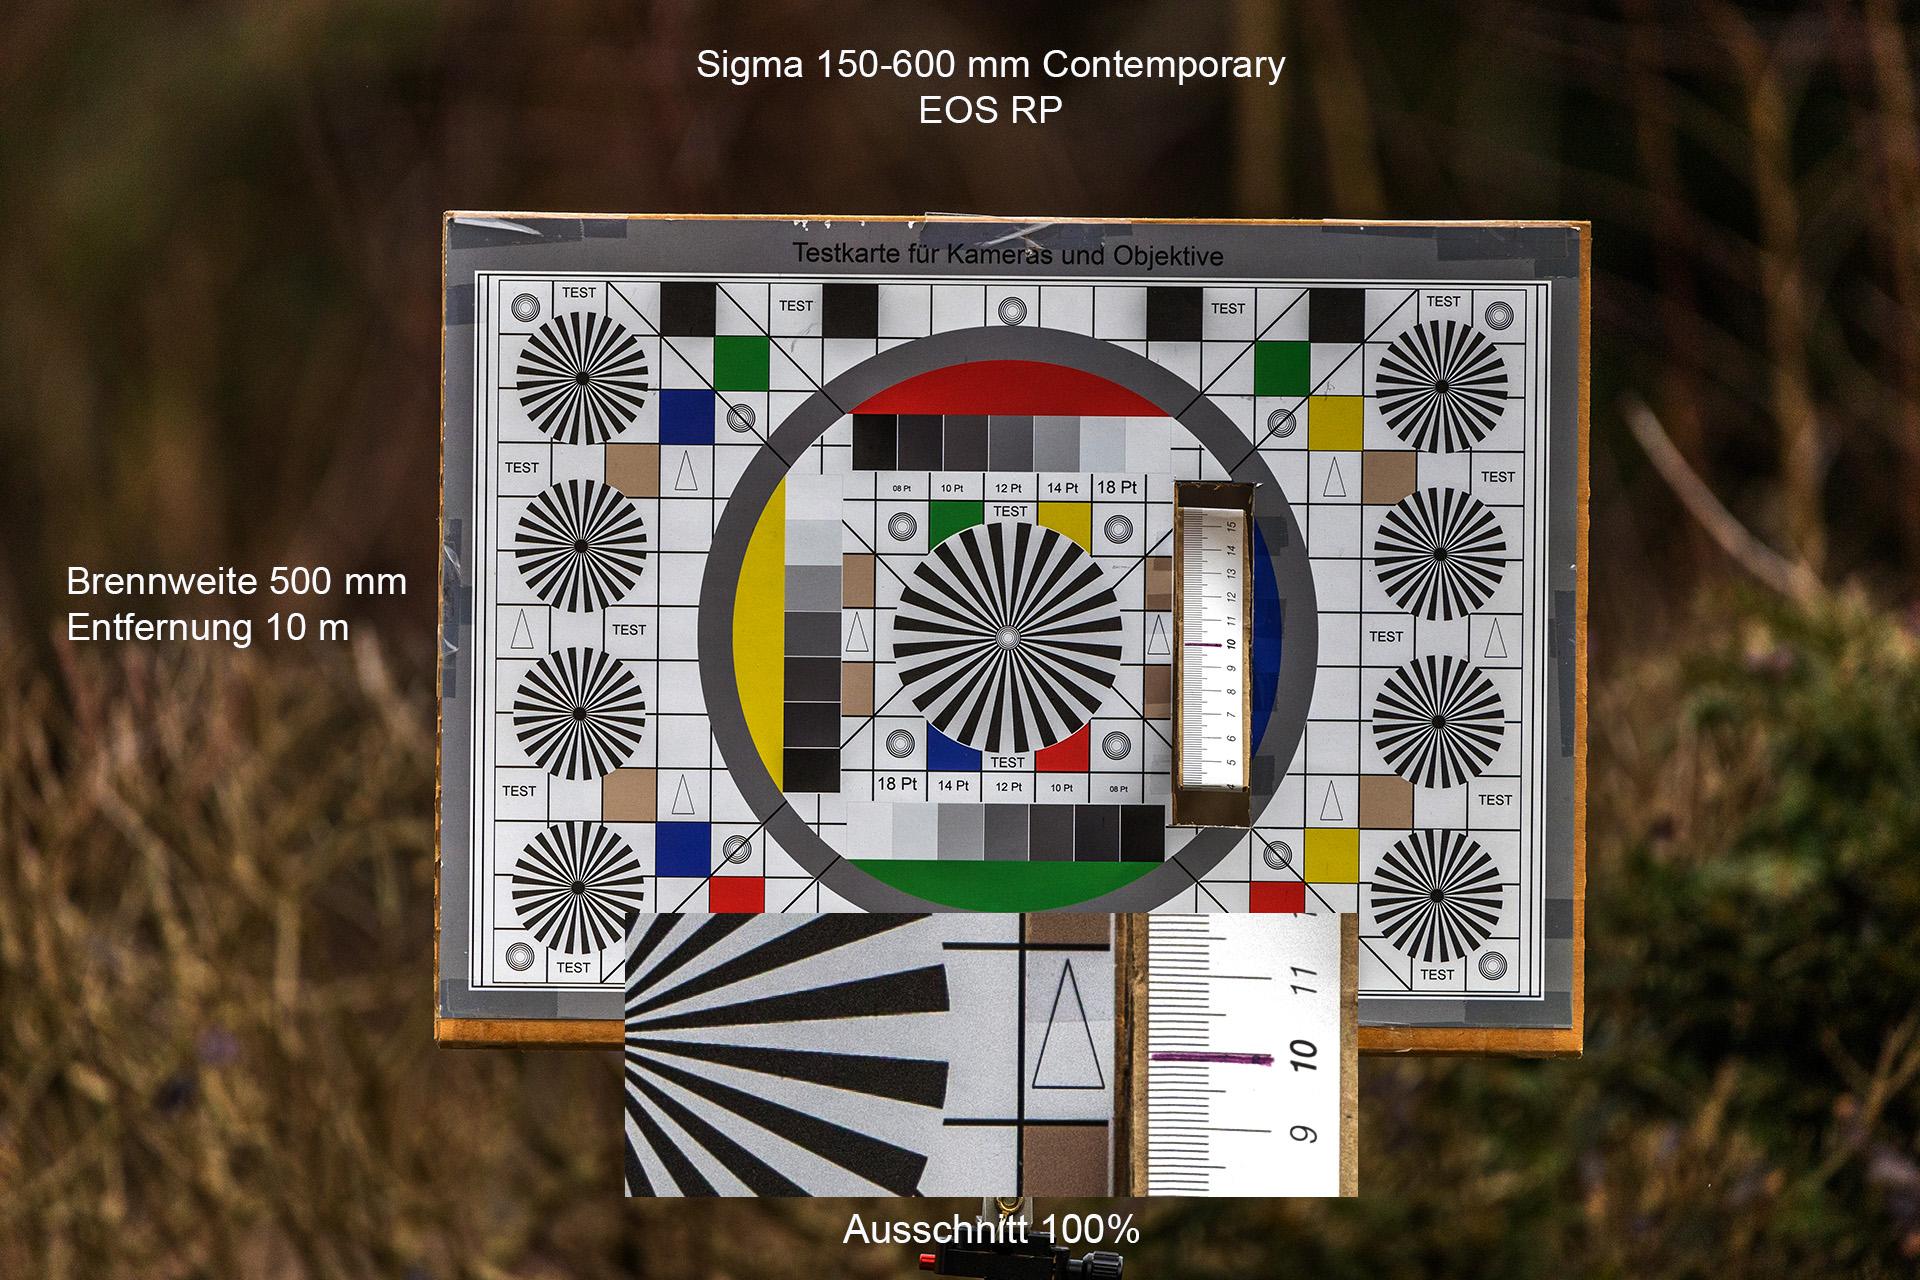 Testaufnahmen mit Sigma 150-600 mm, Canon EOS RP, 500 mm, 10 Meter